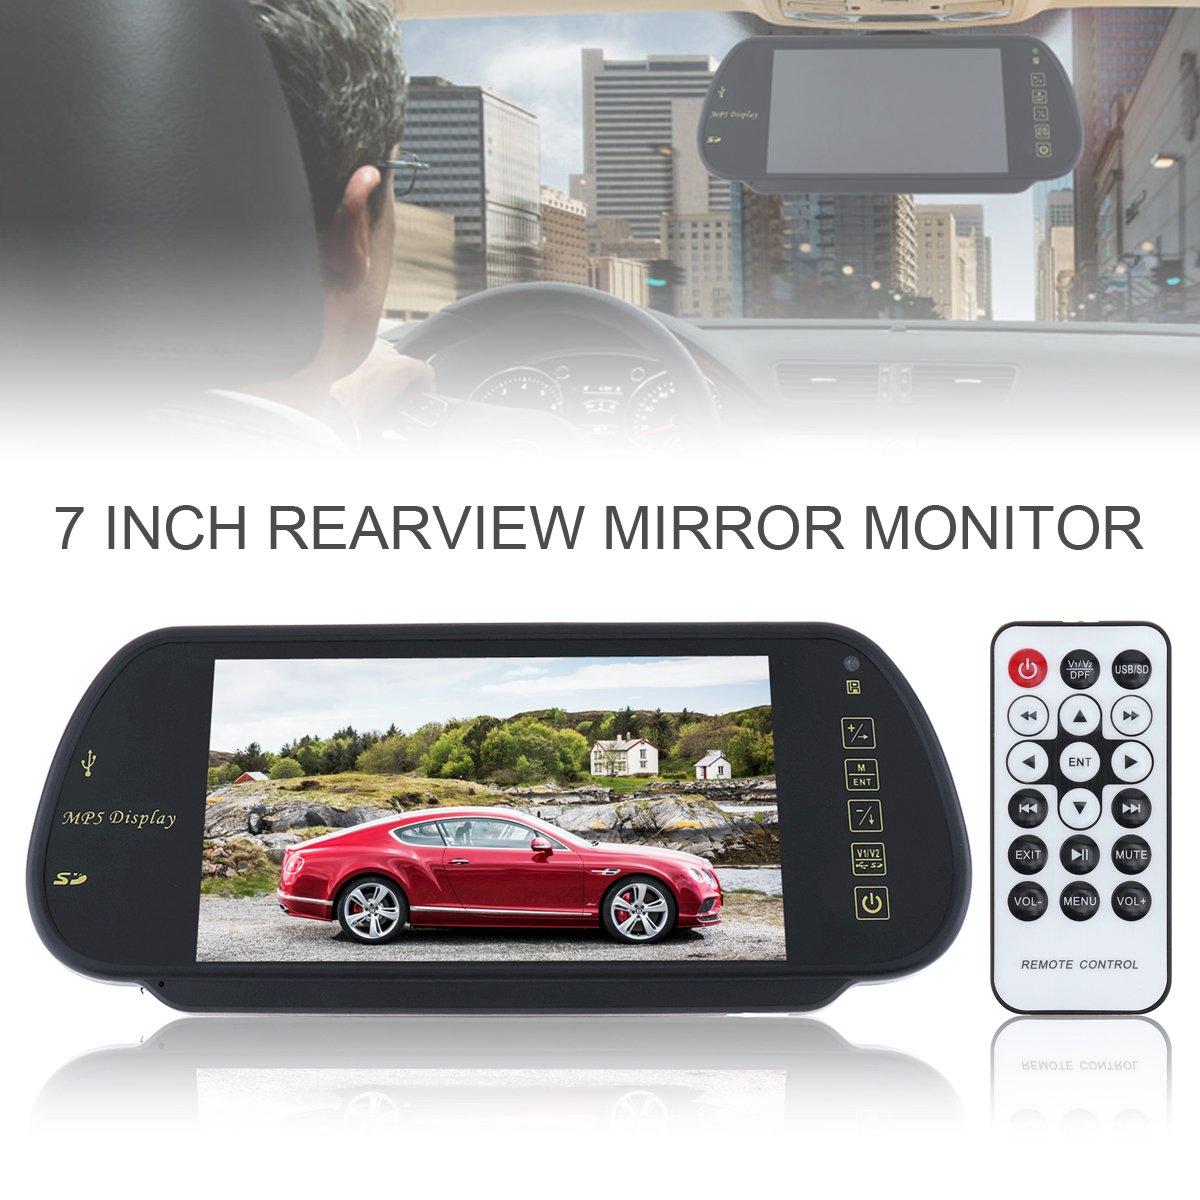 Epathchina 17,8 cm TFT LCD MP5 Car specchietto retrovisore monitor con ingresso USB, SD, canali video per telecamera posteriore di retromarcia 8cm TFT LCD MP5Car specchietto retrovisore monitor con ingresso USB EPC_CMO_316